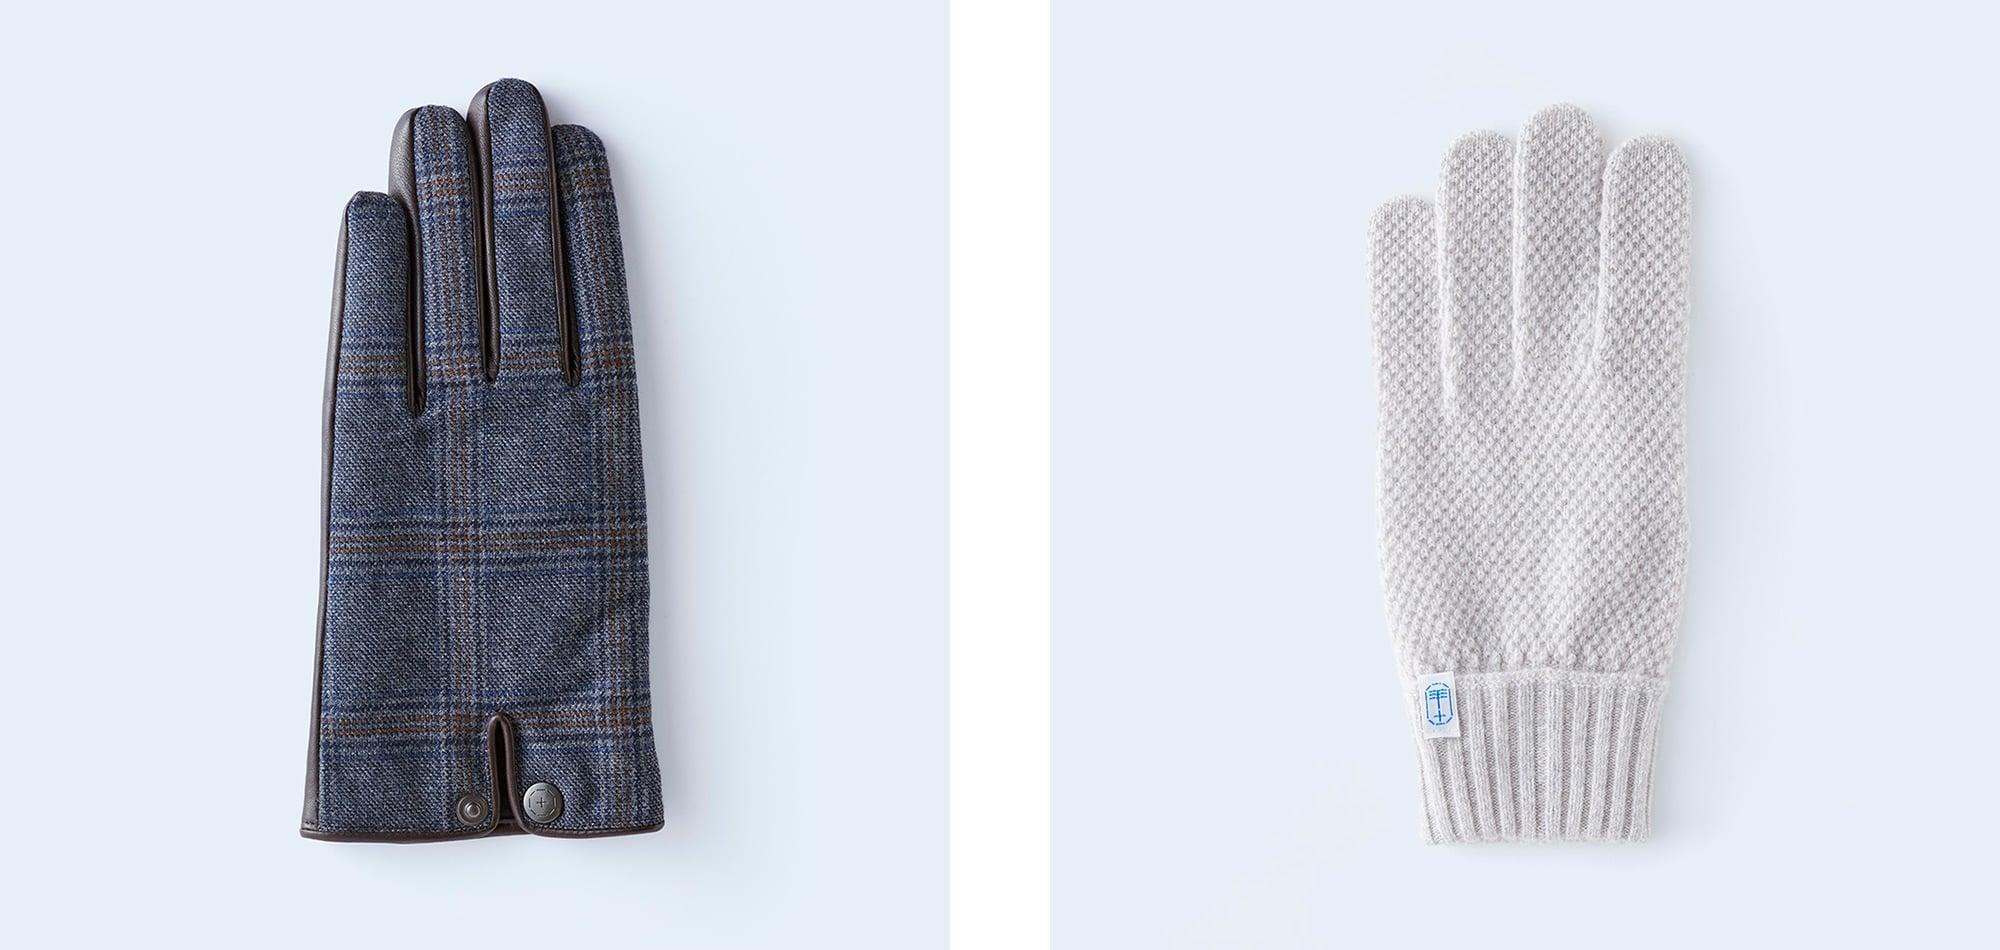 スーツにも、カジュアルウェアにもぴったりな手袋が揃う。左のグレンチェック×レザーの手袋は導電革使用。スマートフォンの操作もできる。 「glen check MEN blue gray」(16,500円)、「kanoko MEN beige mix」(12,100円)